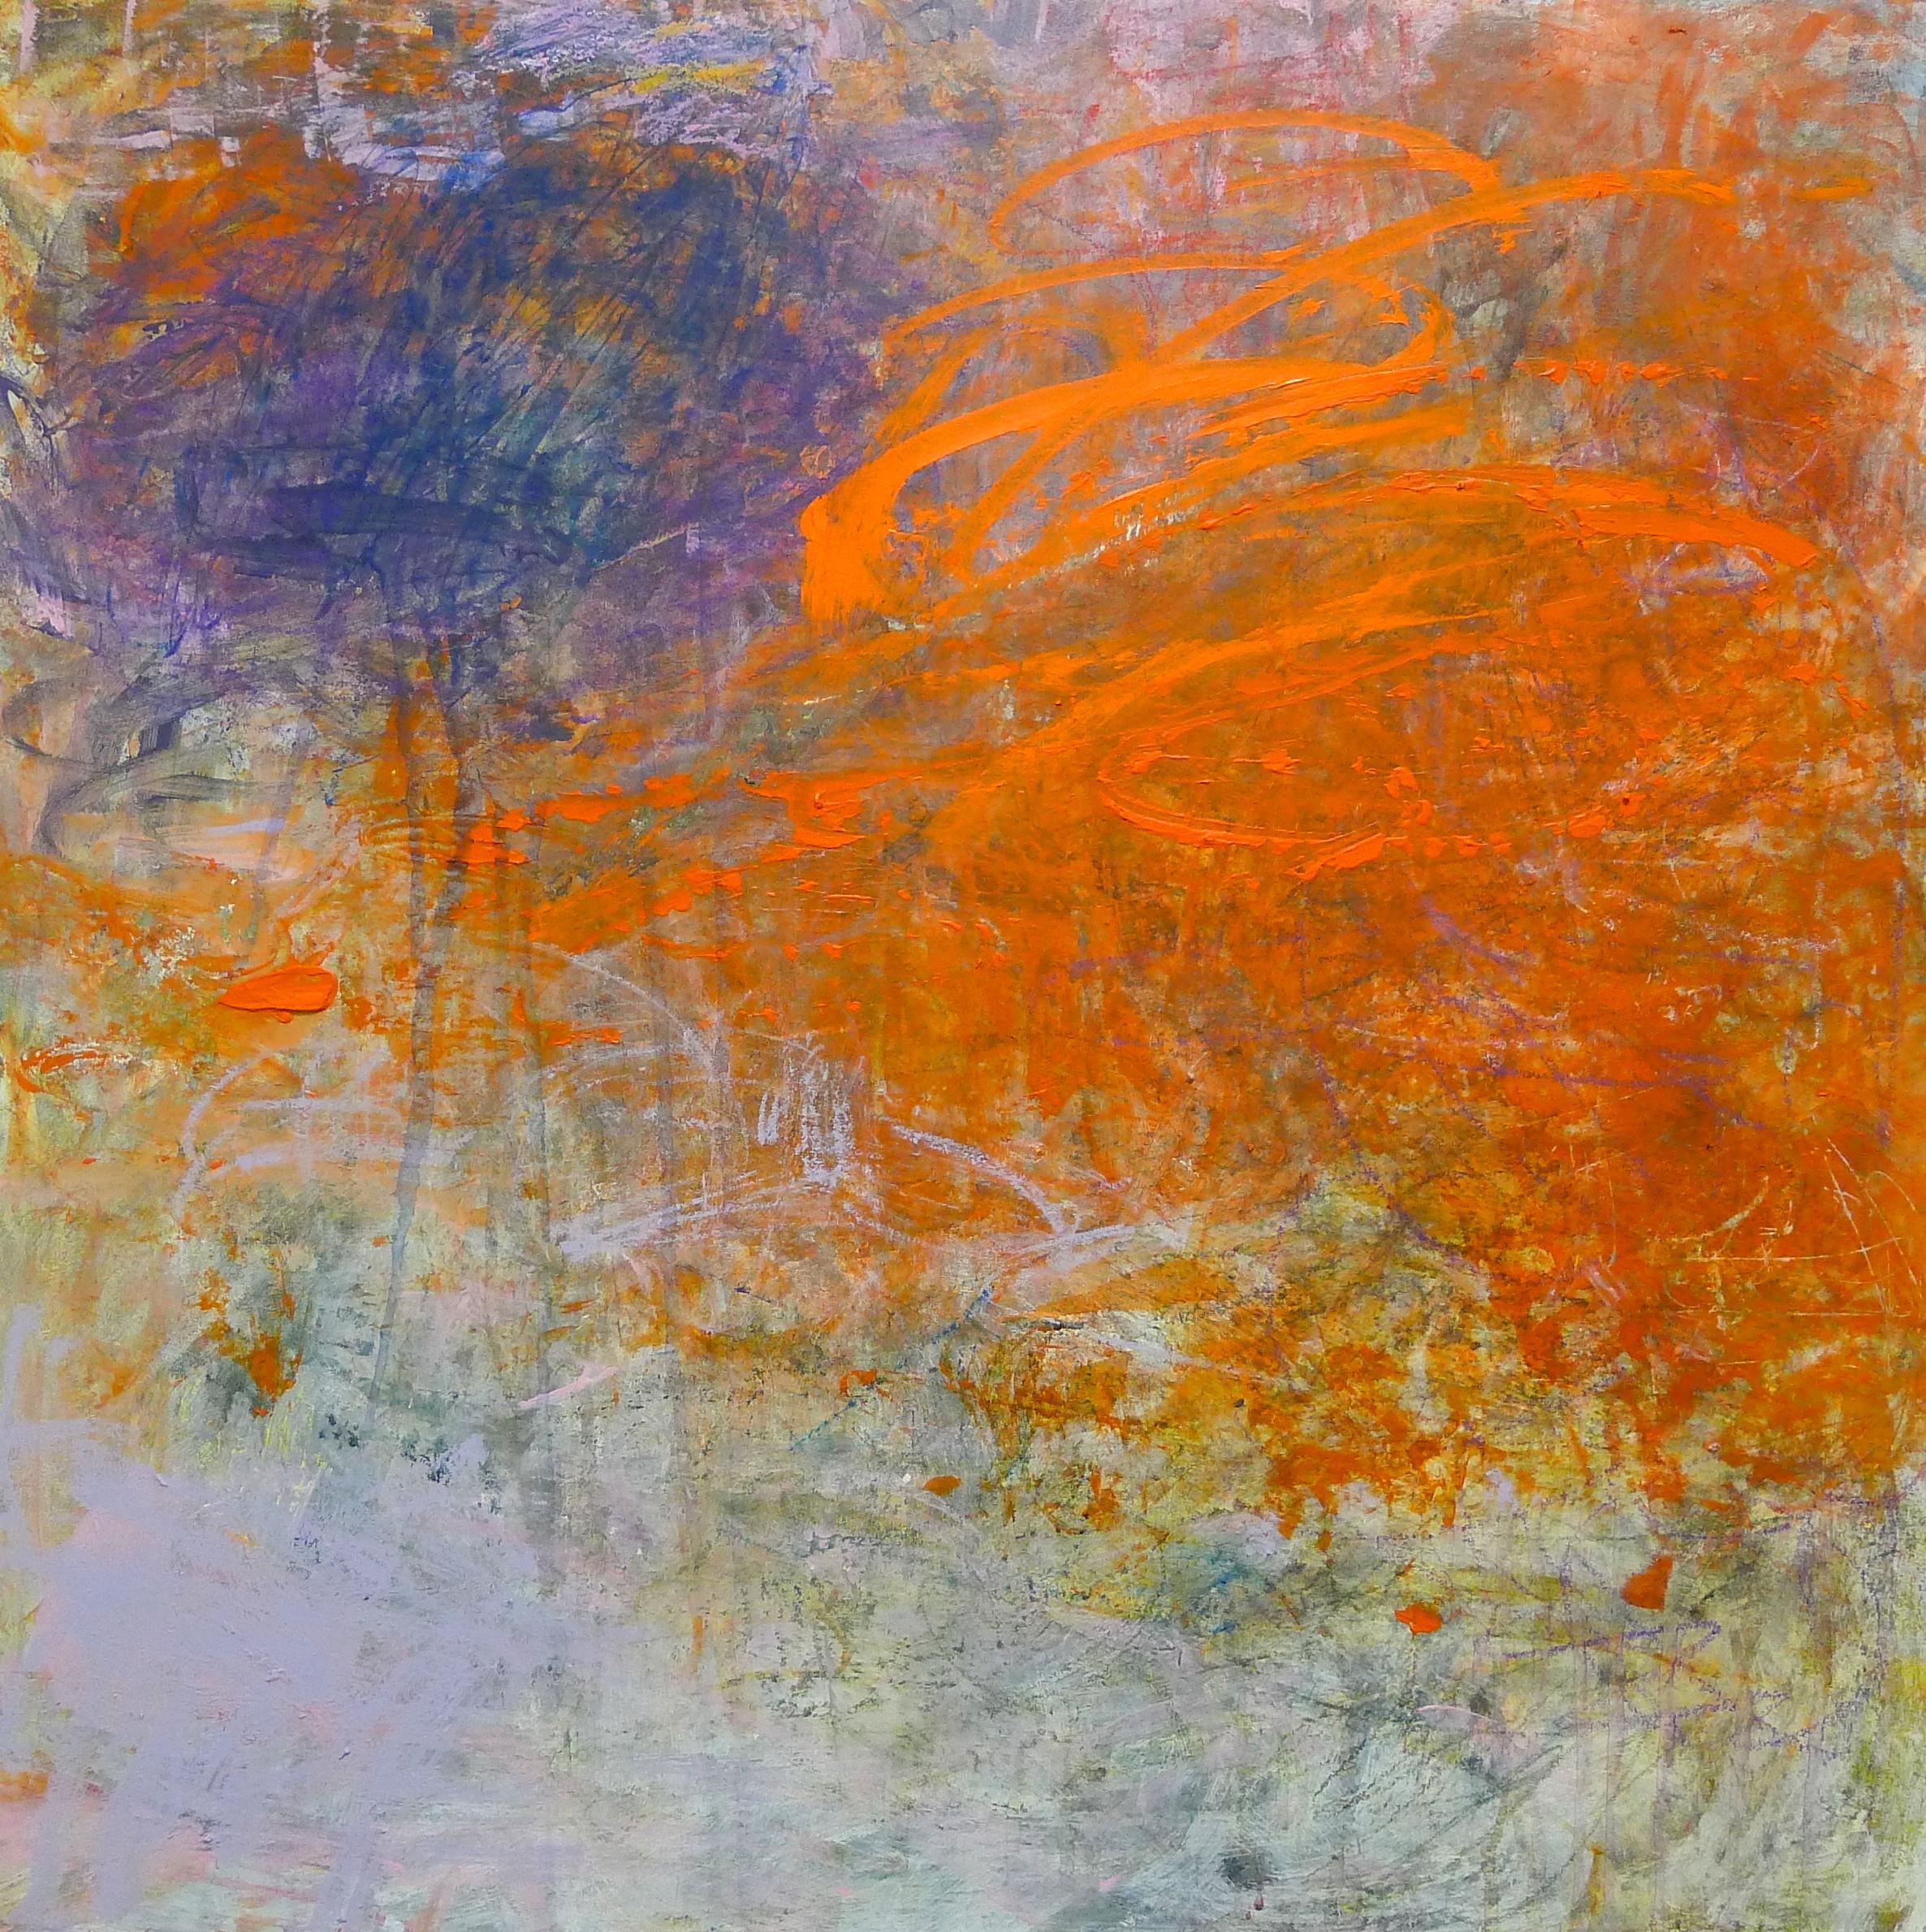 Cirioni,  Mazama 2 , Acrylic on panel, 24x24